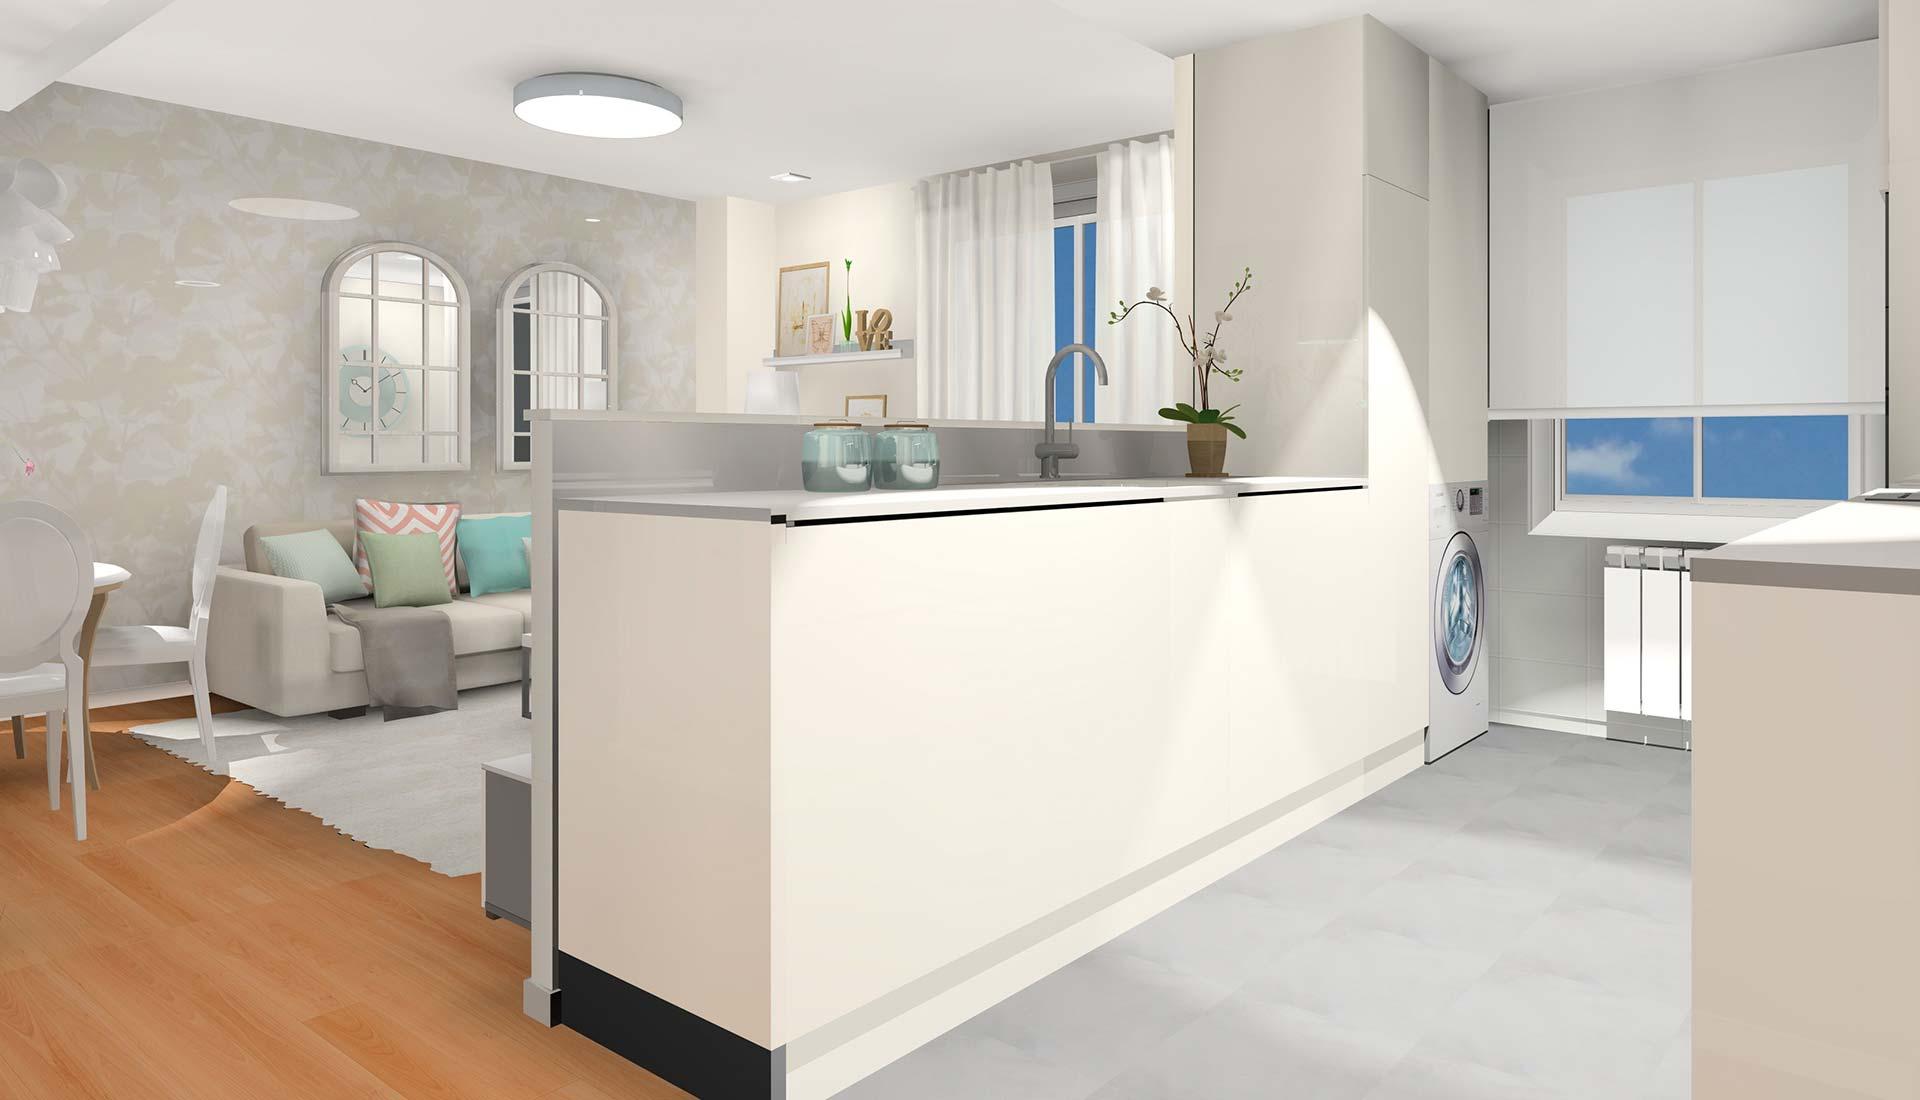 decoración interiores 3d mediana